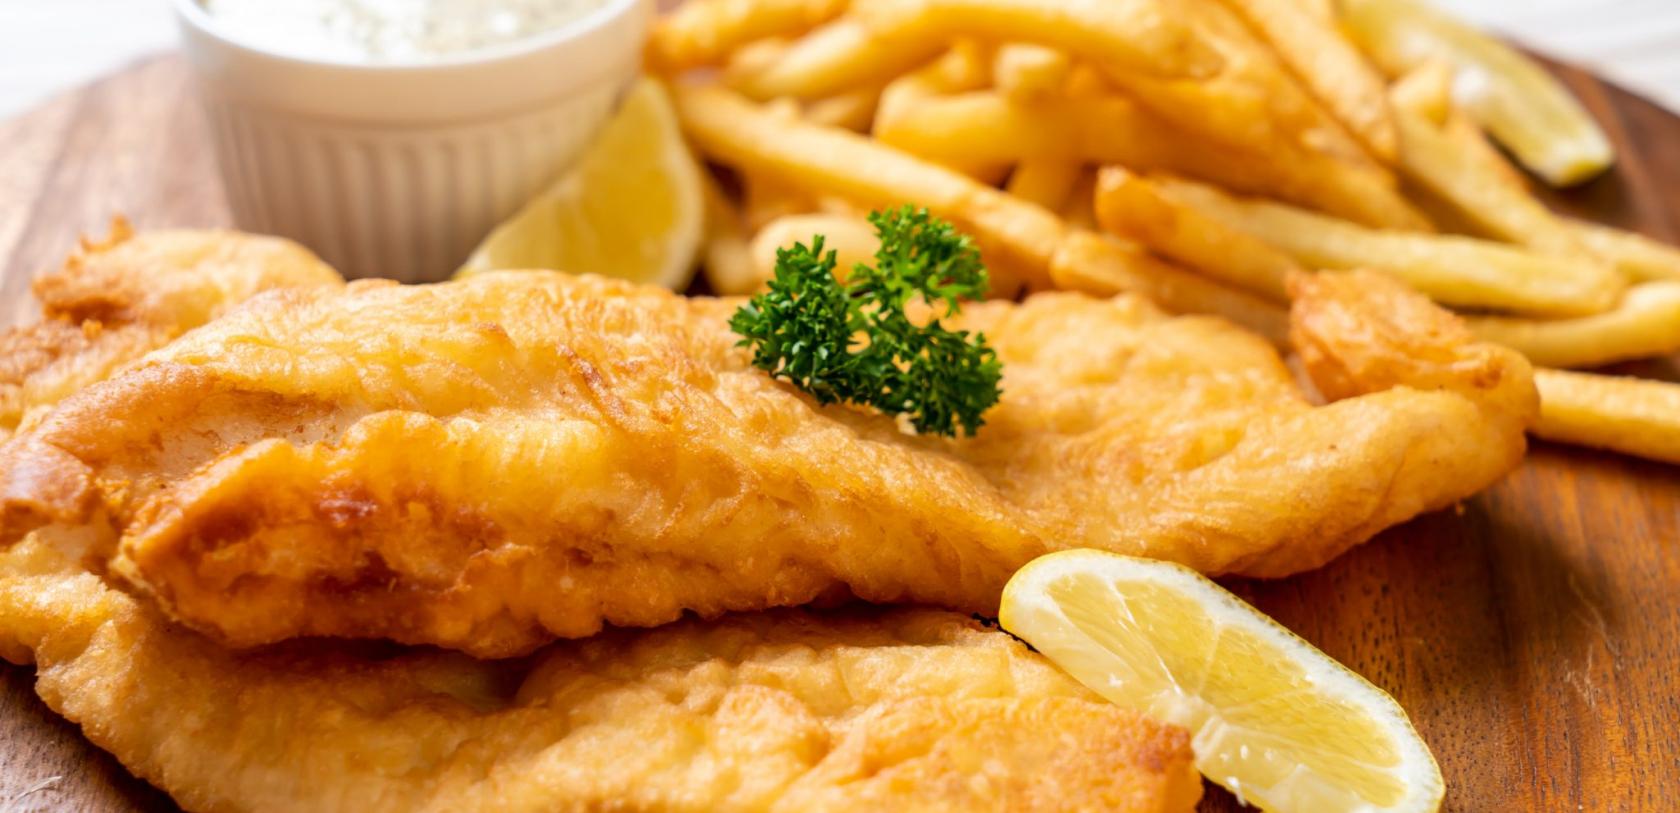 Fish and Chips, assiette de frites avec son poisson pané